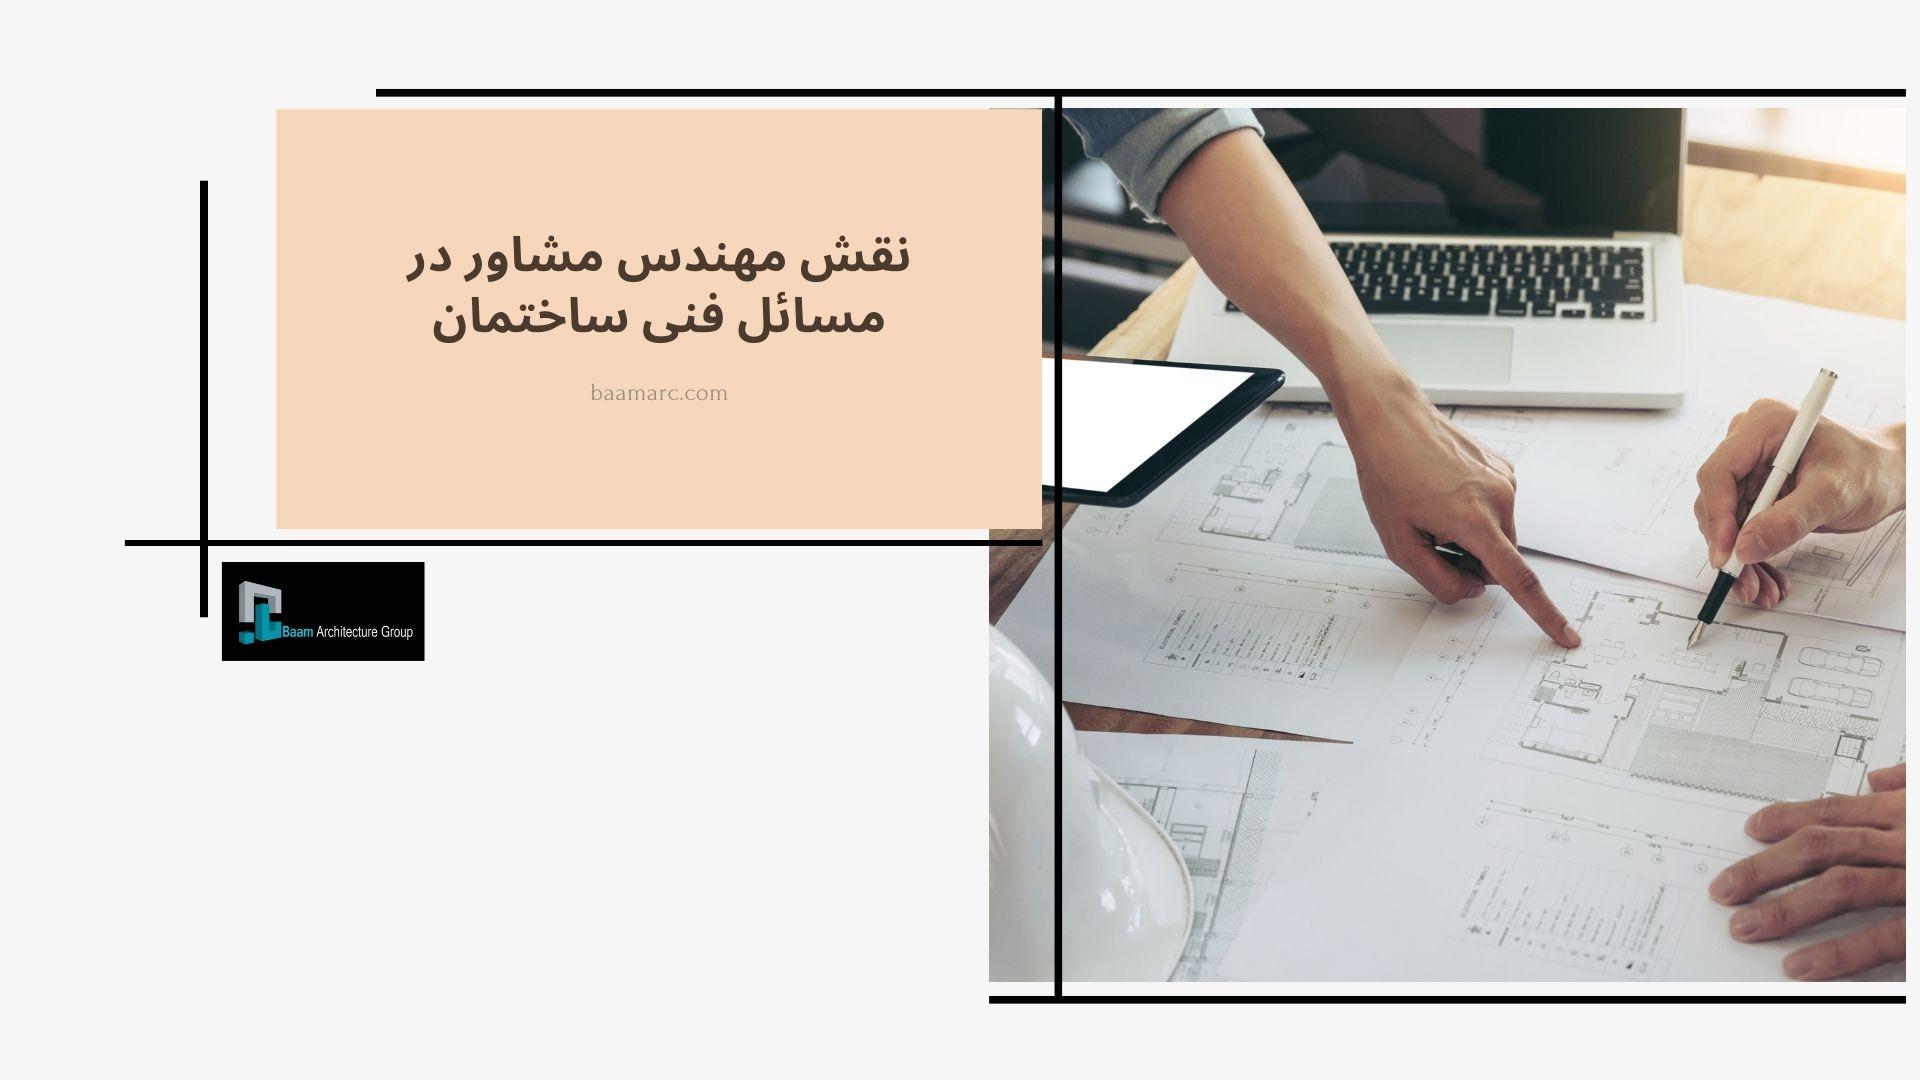 نقش مهندس مشاور در مسائل فنی ساختمان